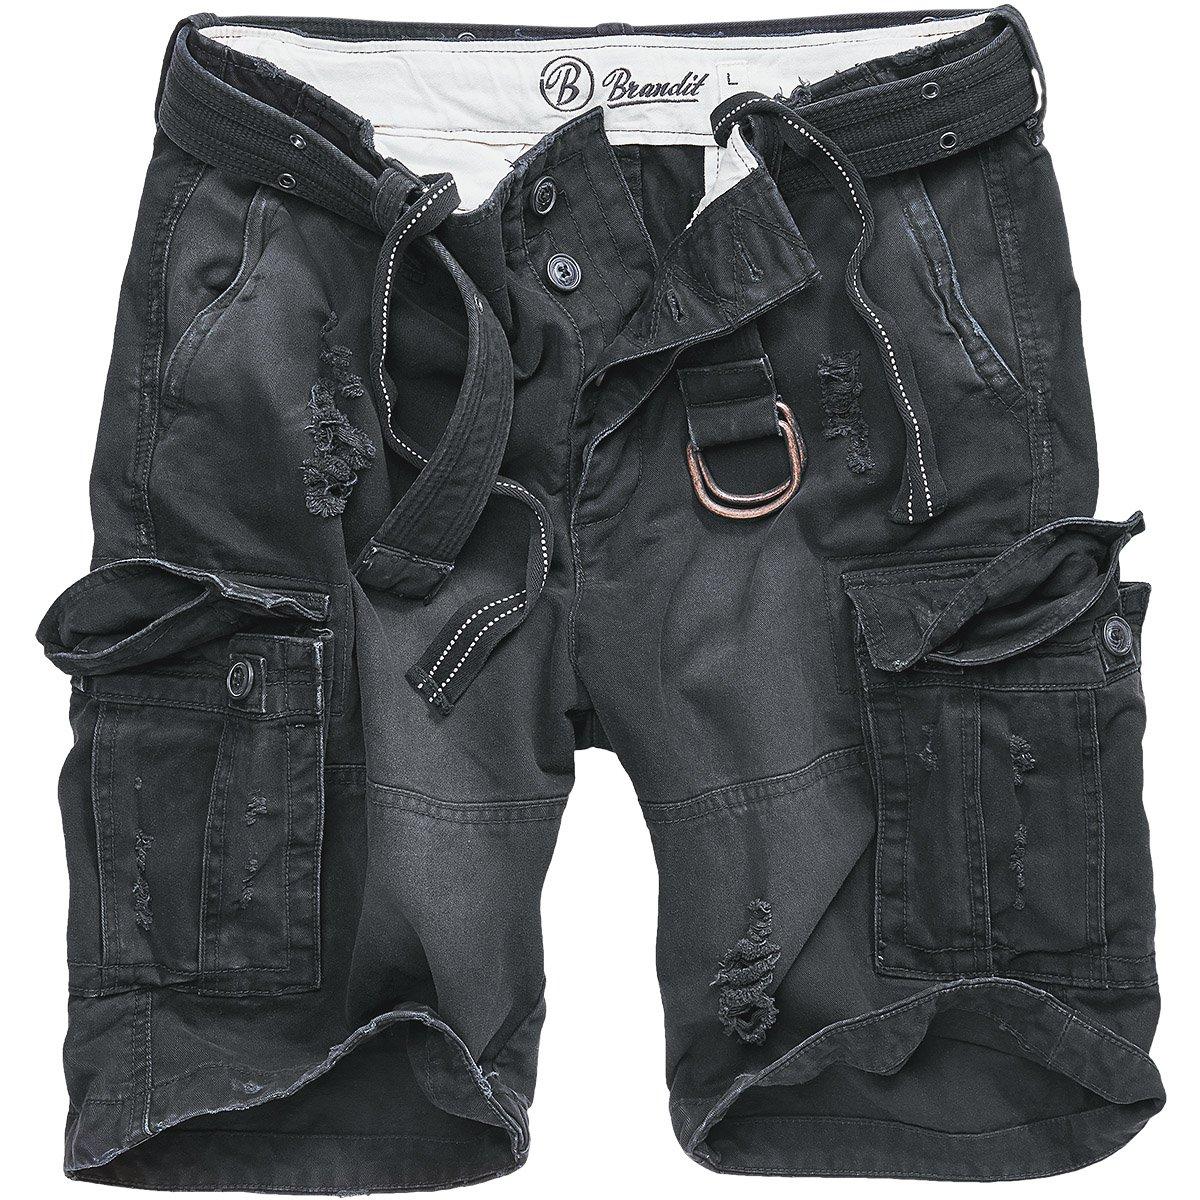 Brandit Shell Valley Heavy Vintage Shorts Black Size S